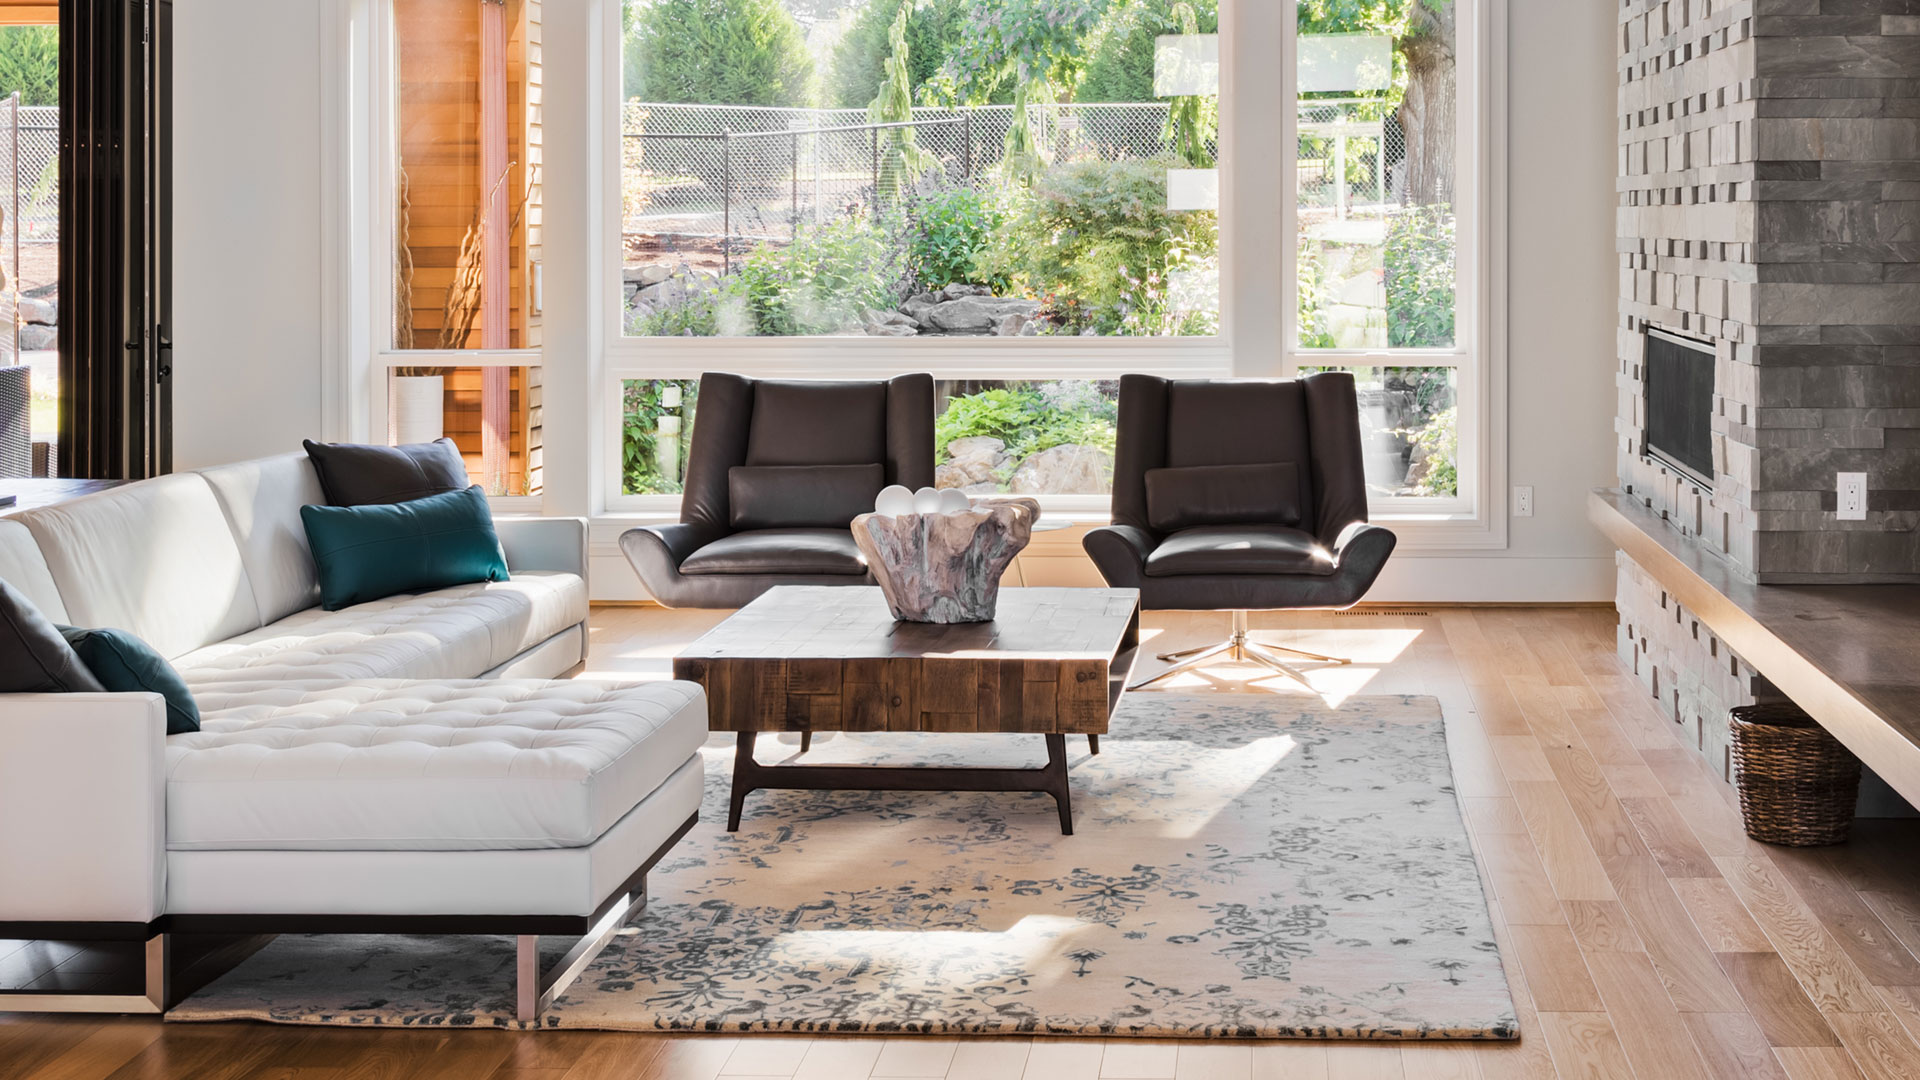 Wohnzimmer mit edlen Möbeln und Kamin